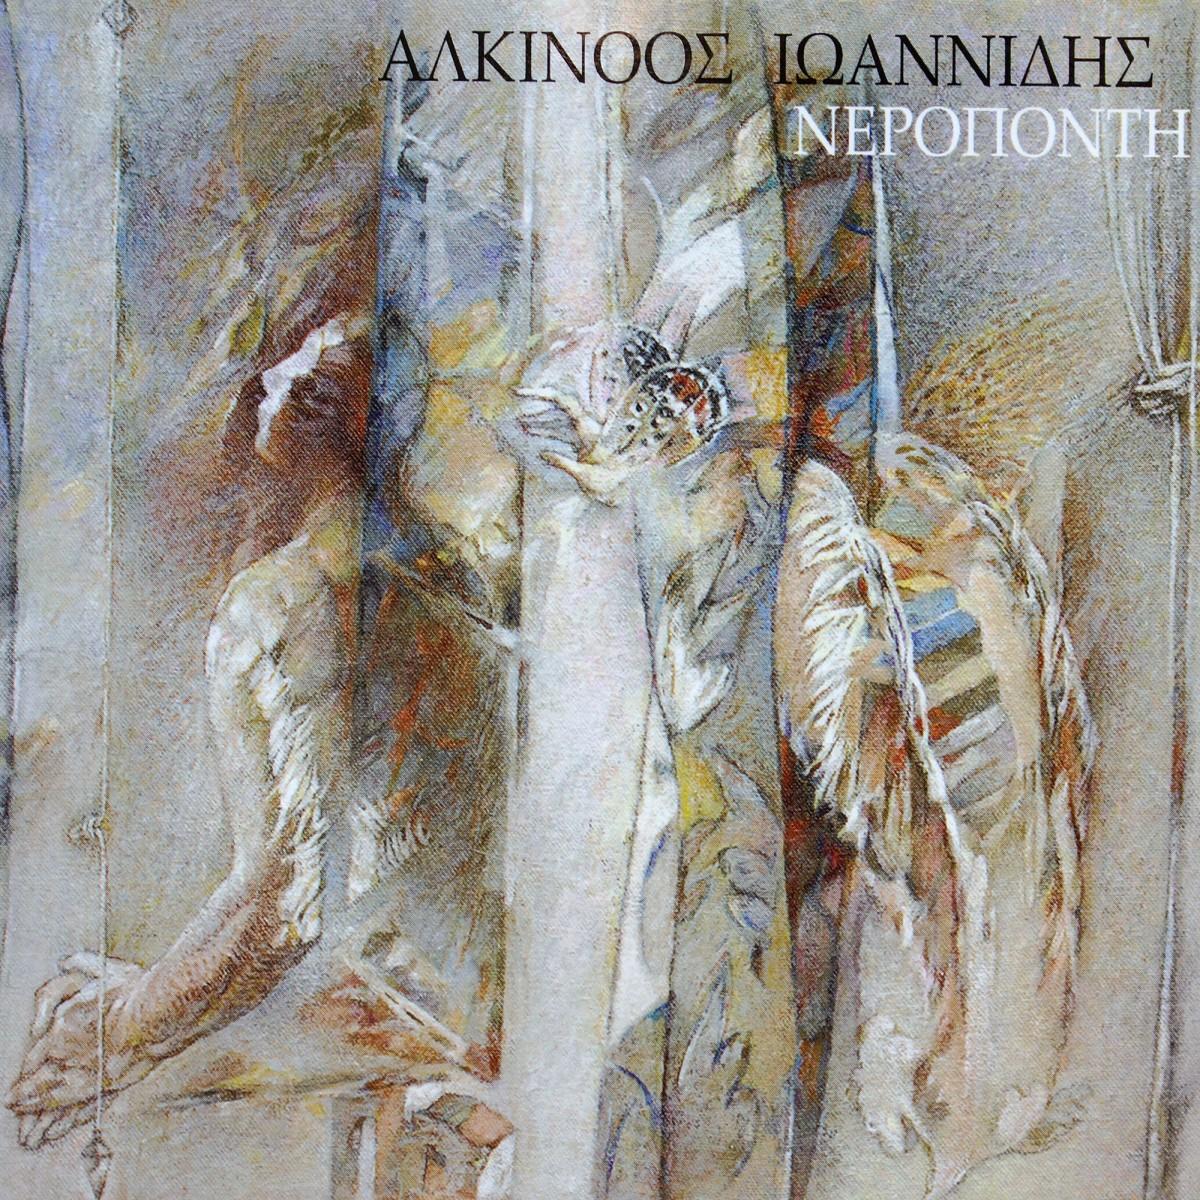 Ioannidis, Alkinoos: Neroponti / Νεροποντή (2009)